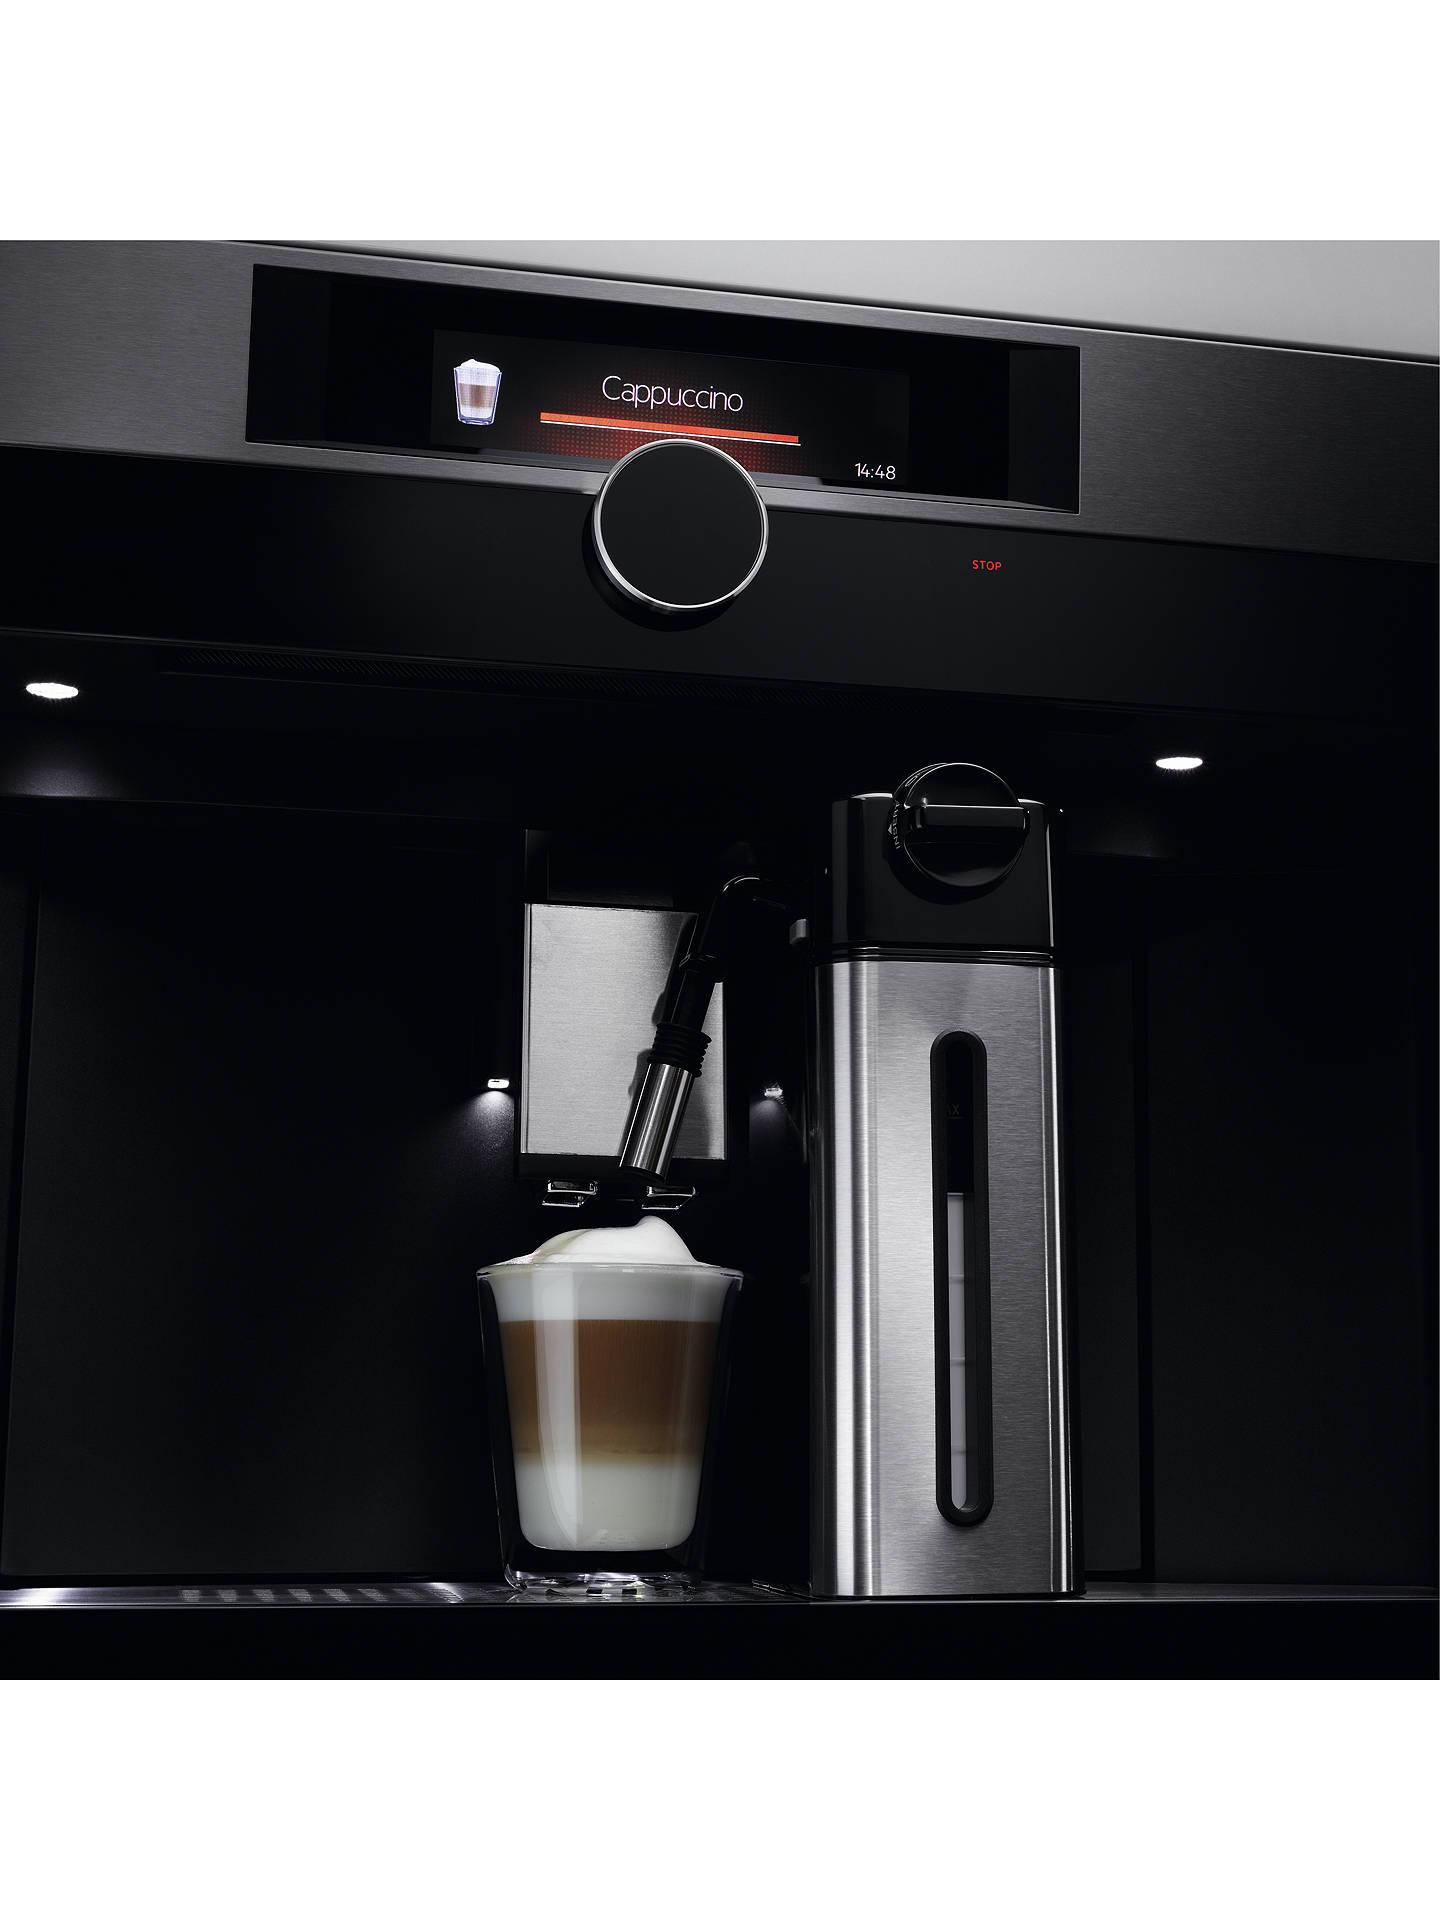 Aeg Kke994500m Built In Coffee Machine Stainless Steel